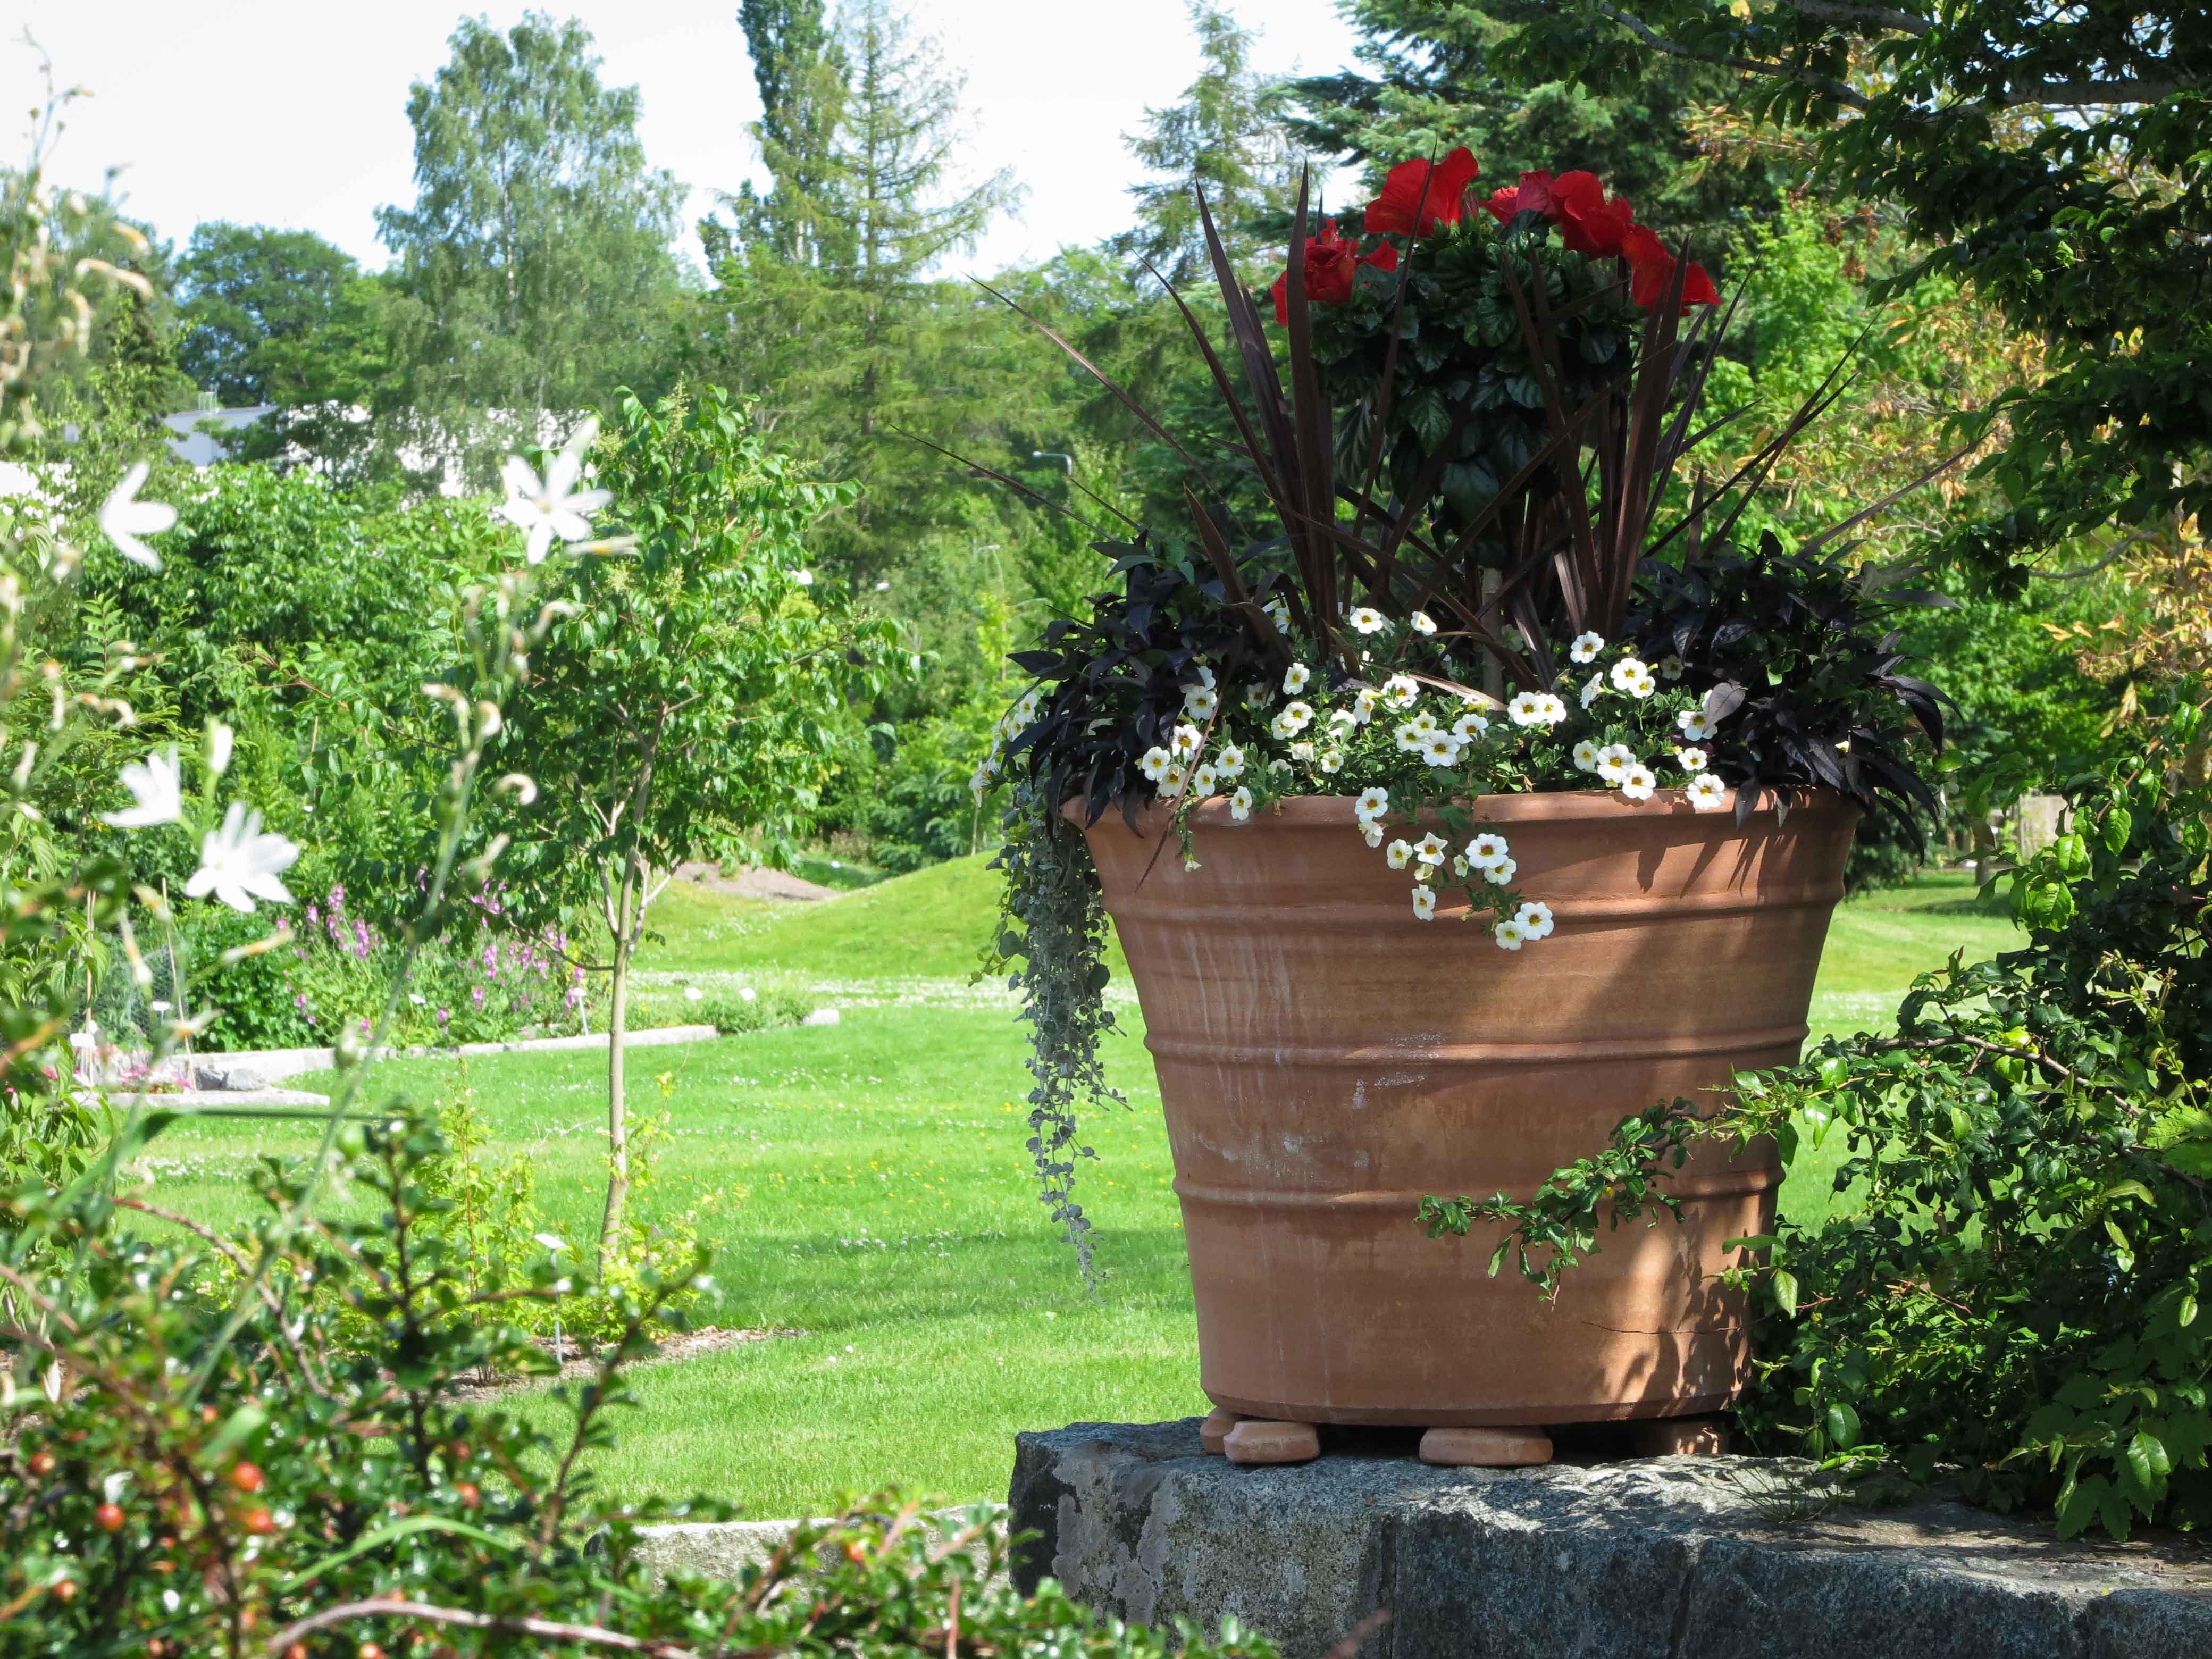 Krukor i botaniska trädgården. Stora trädgårdskrukor. Vintertåliga krukor som skapats för hand.